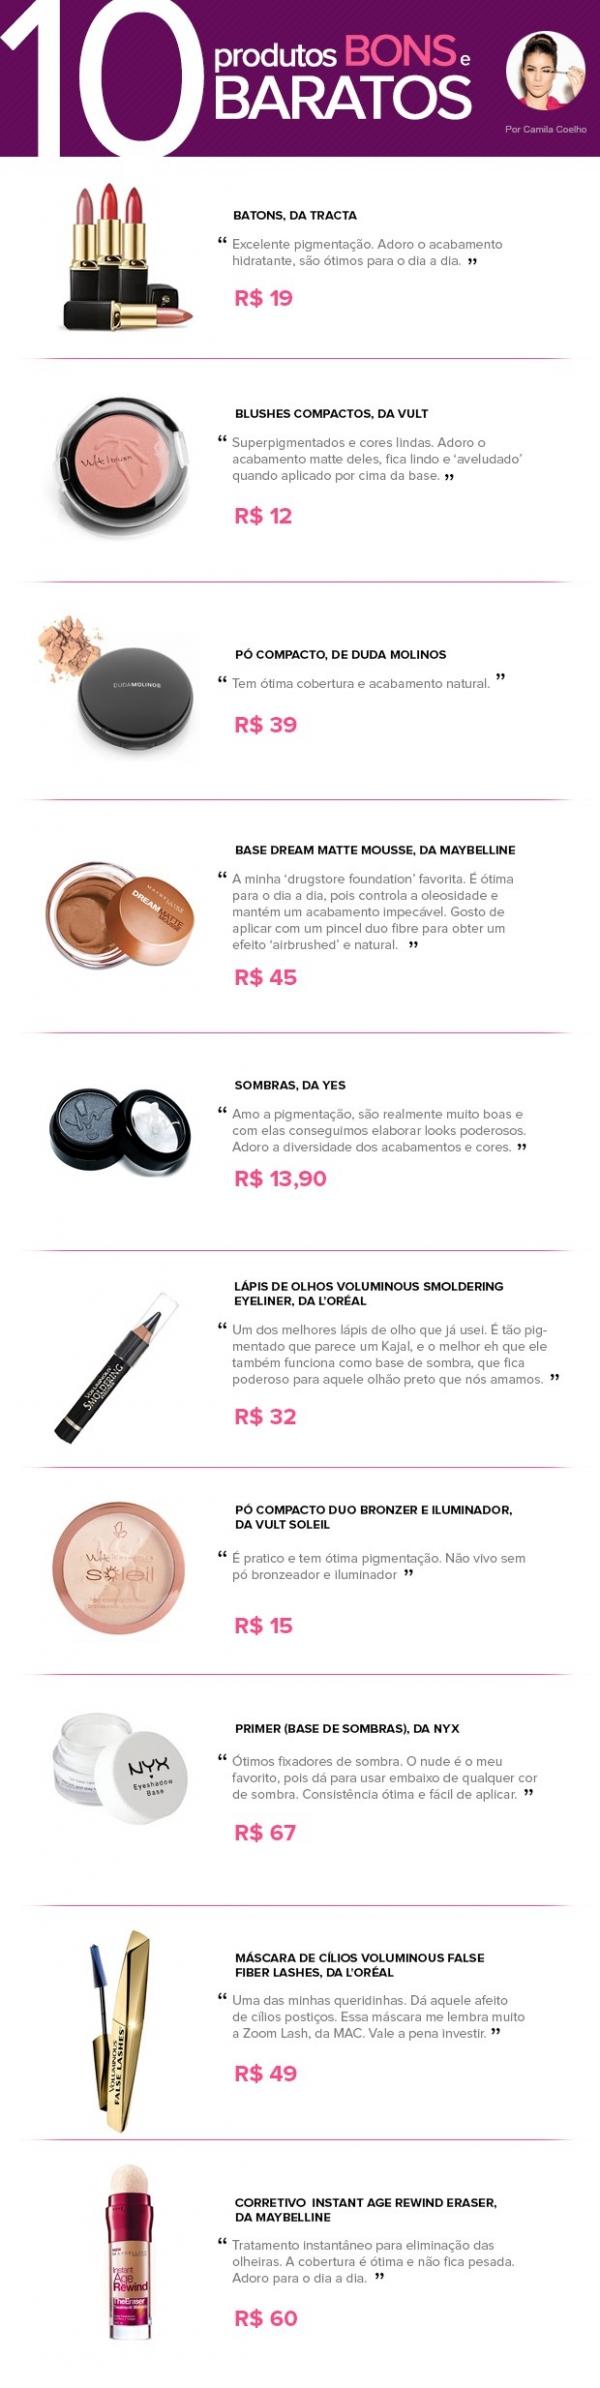 Batom, blush e rímel! Blogueira dá dicas de produtos bons e baratos